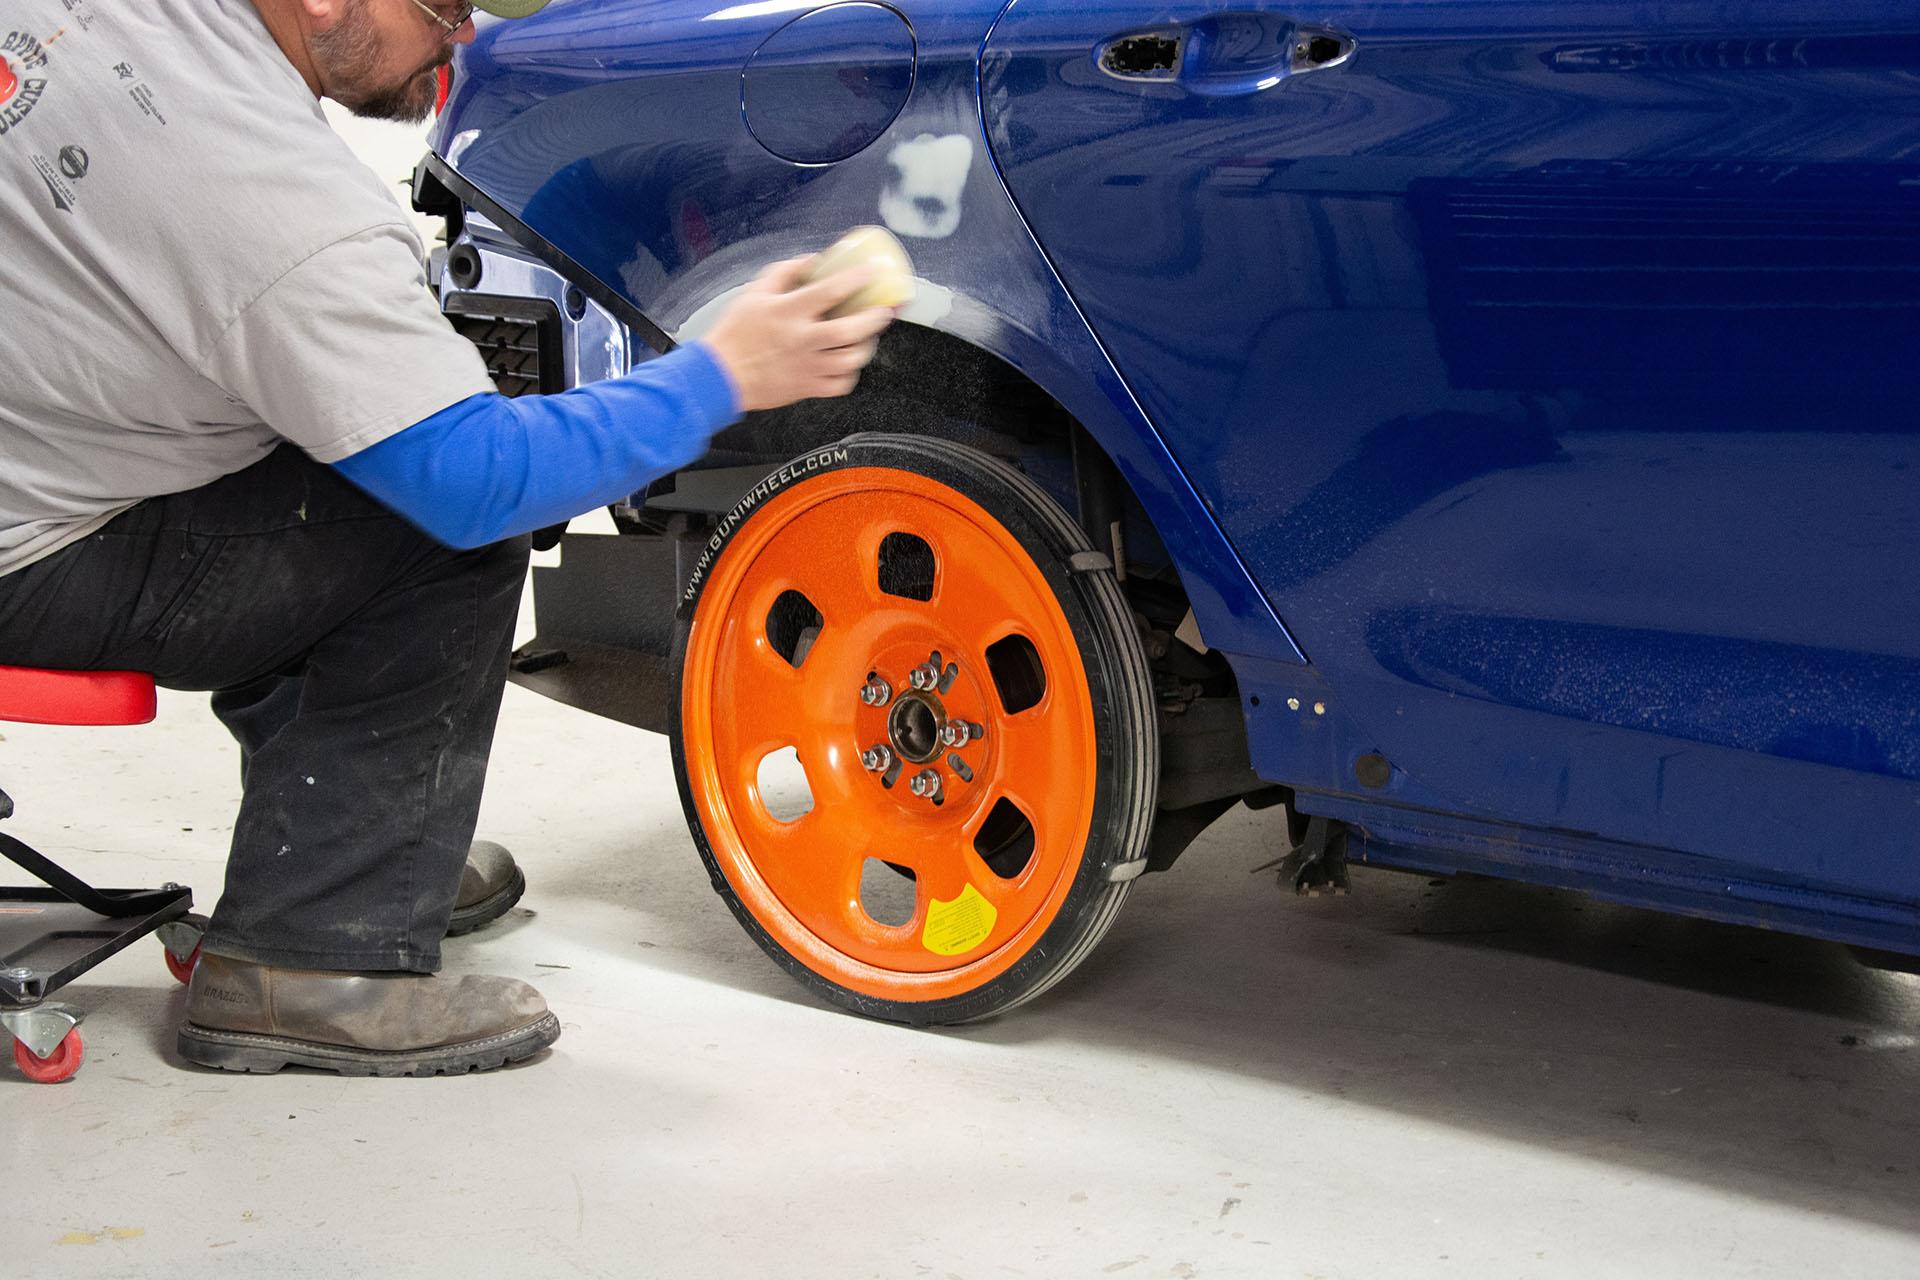 blue car replaced by Guniwheel